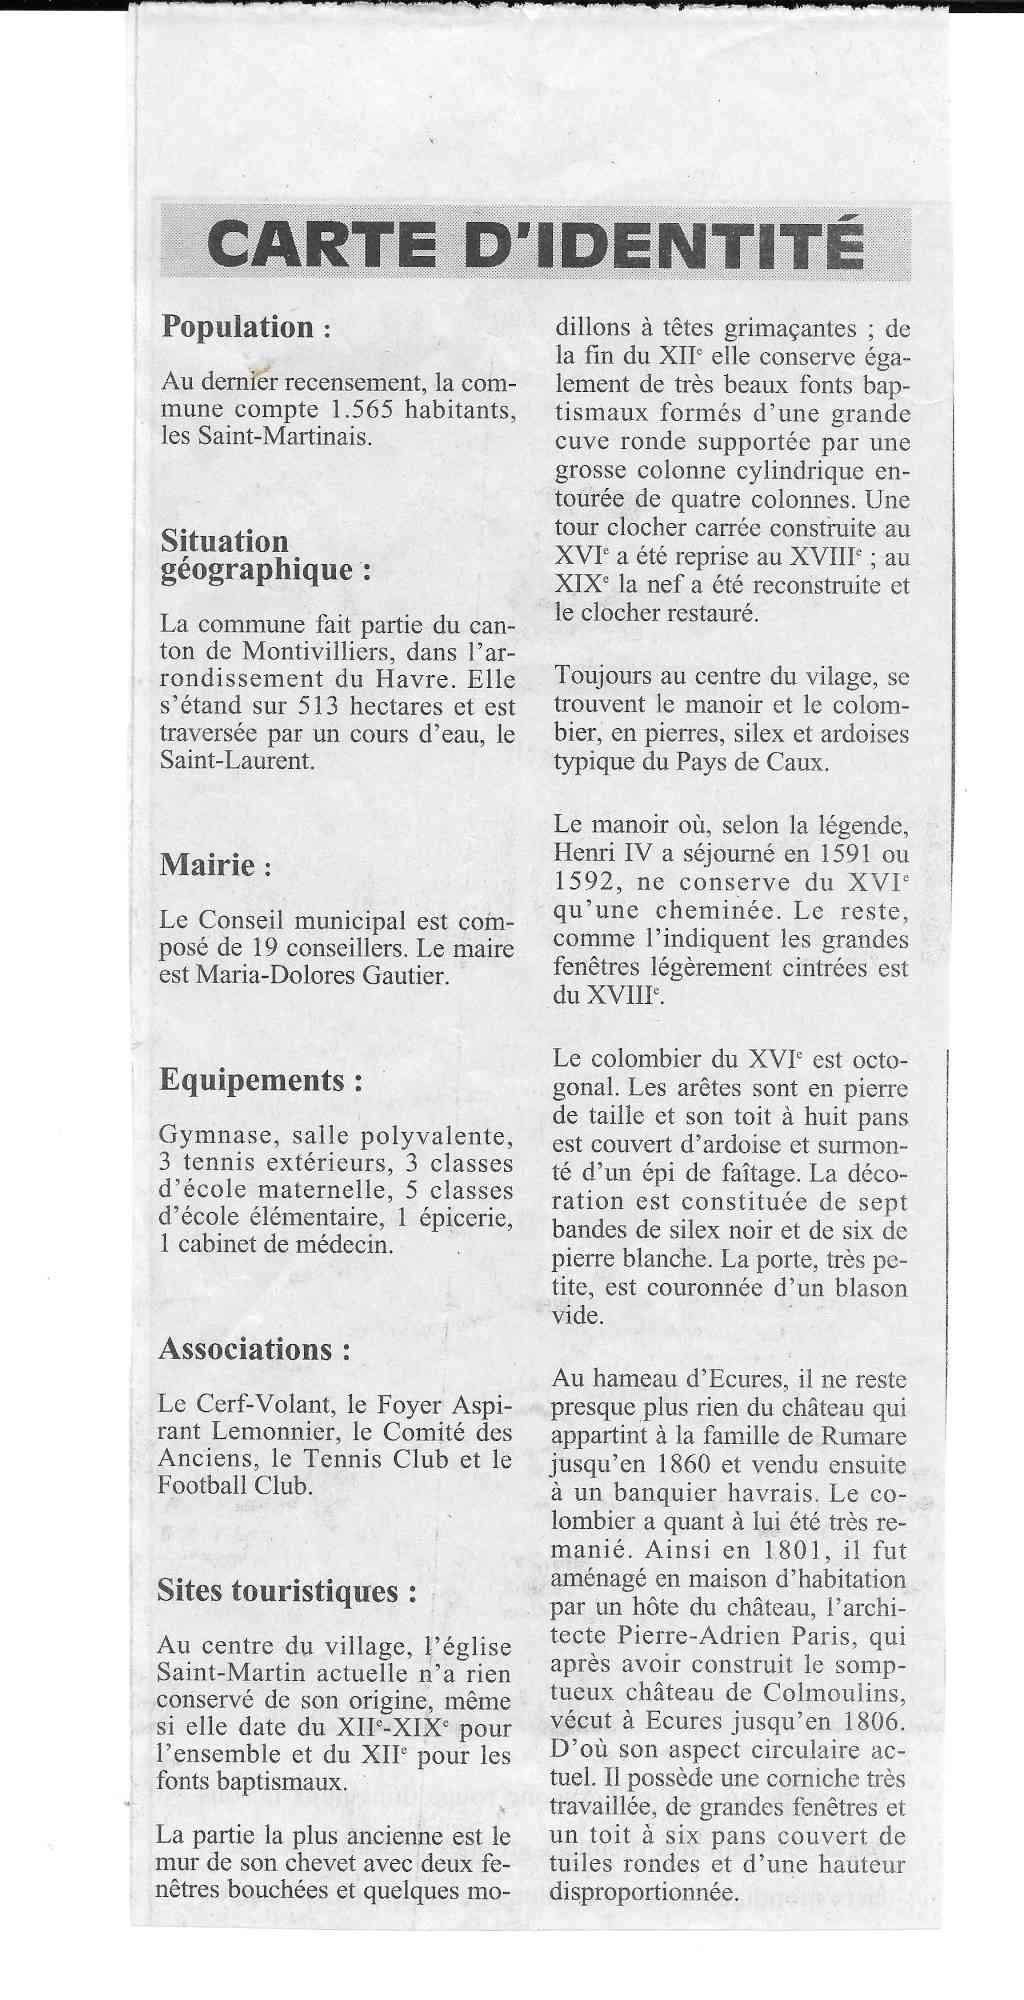 Histoire des communes - Saint-Martin-du-Manoir 334